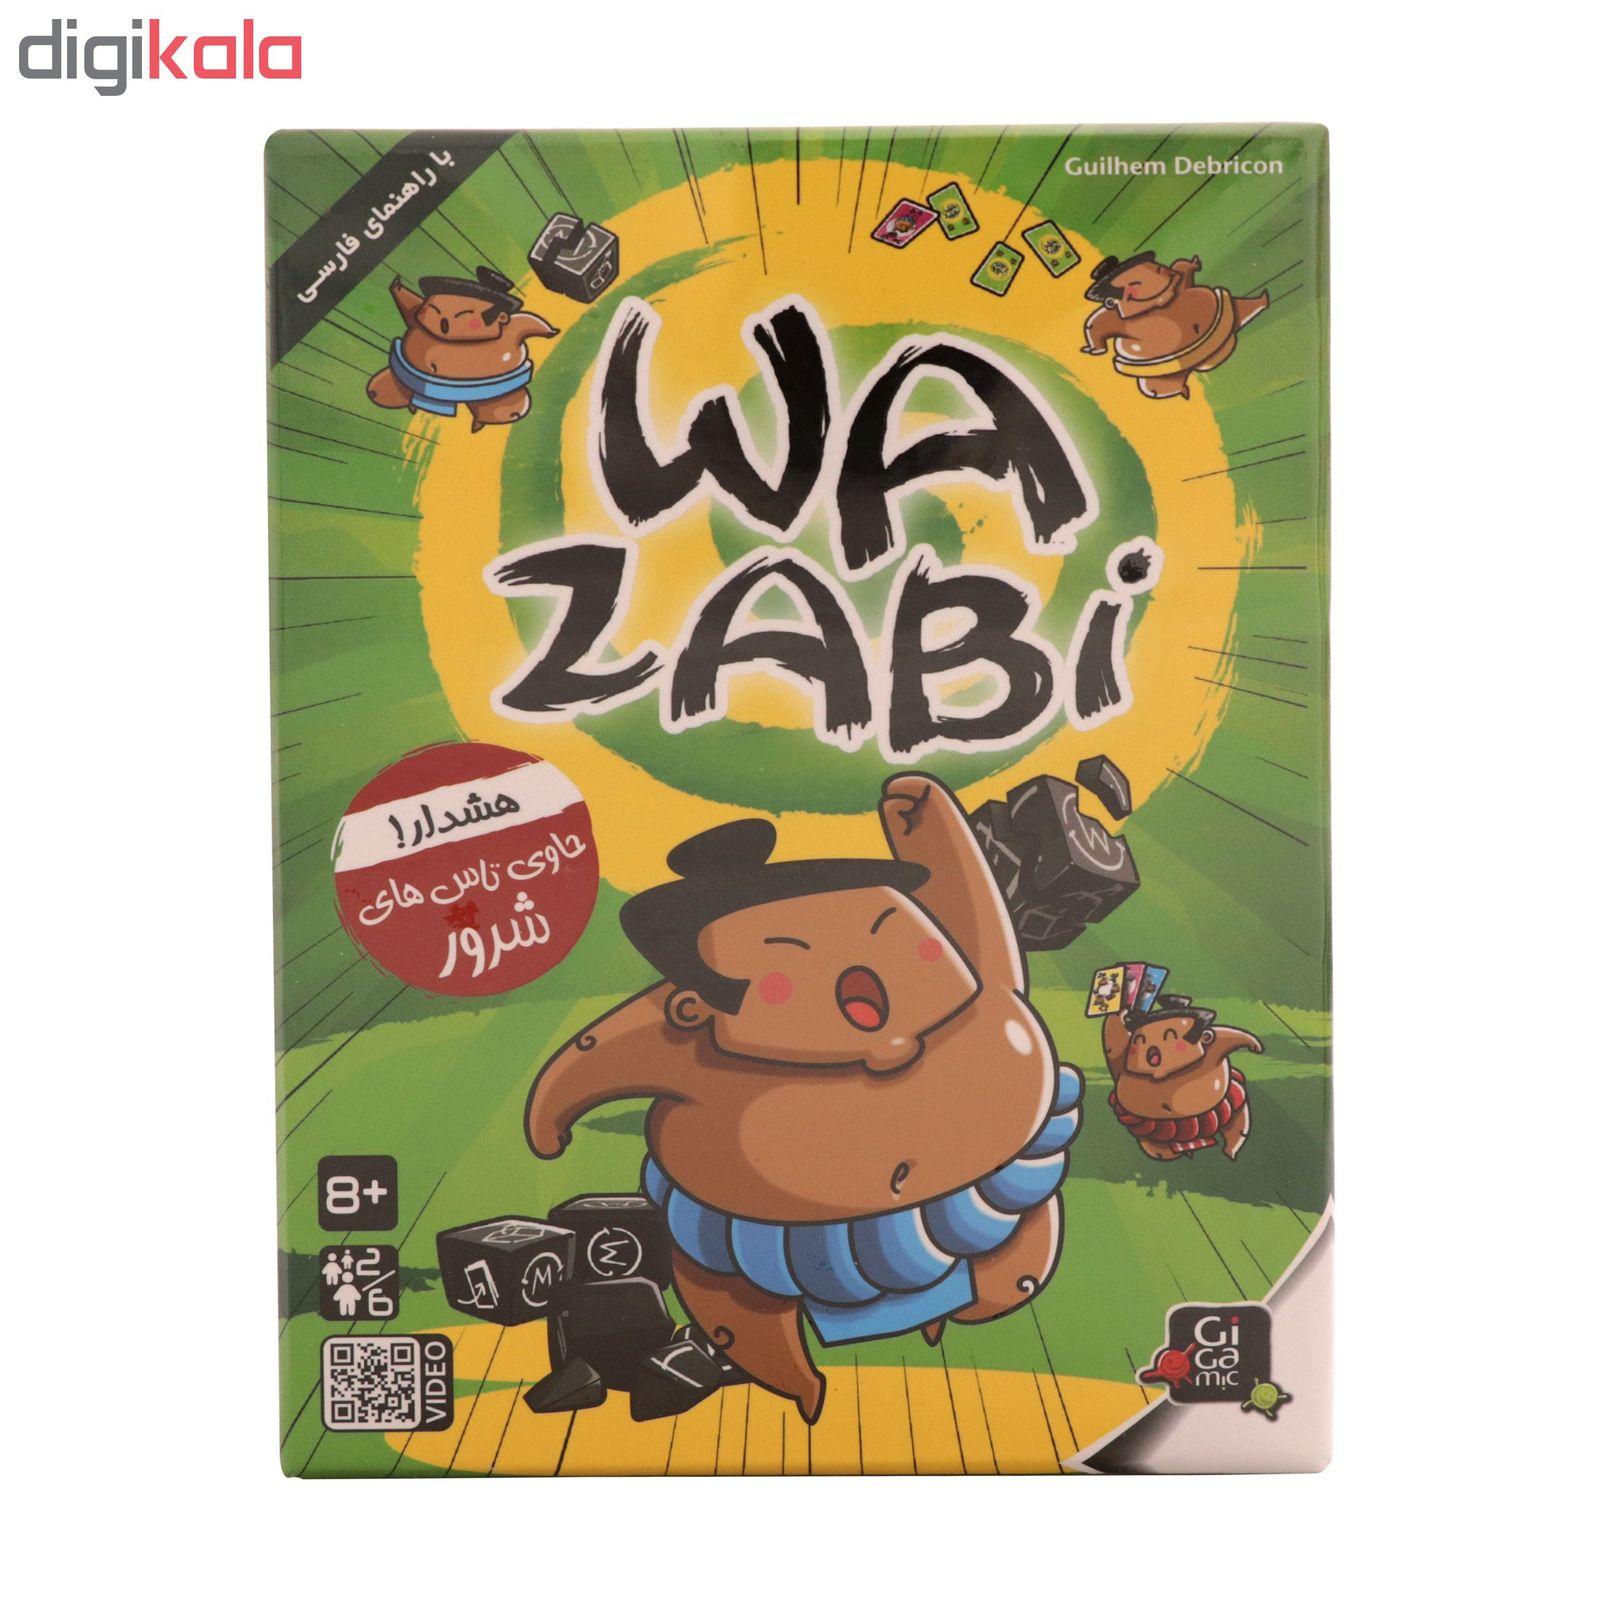 بازی فکری ژیگامیک مدل Wa Zabi